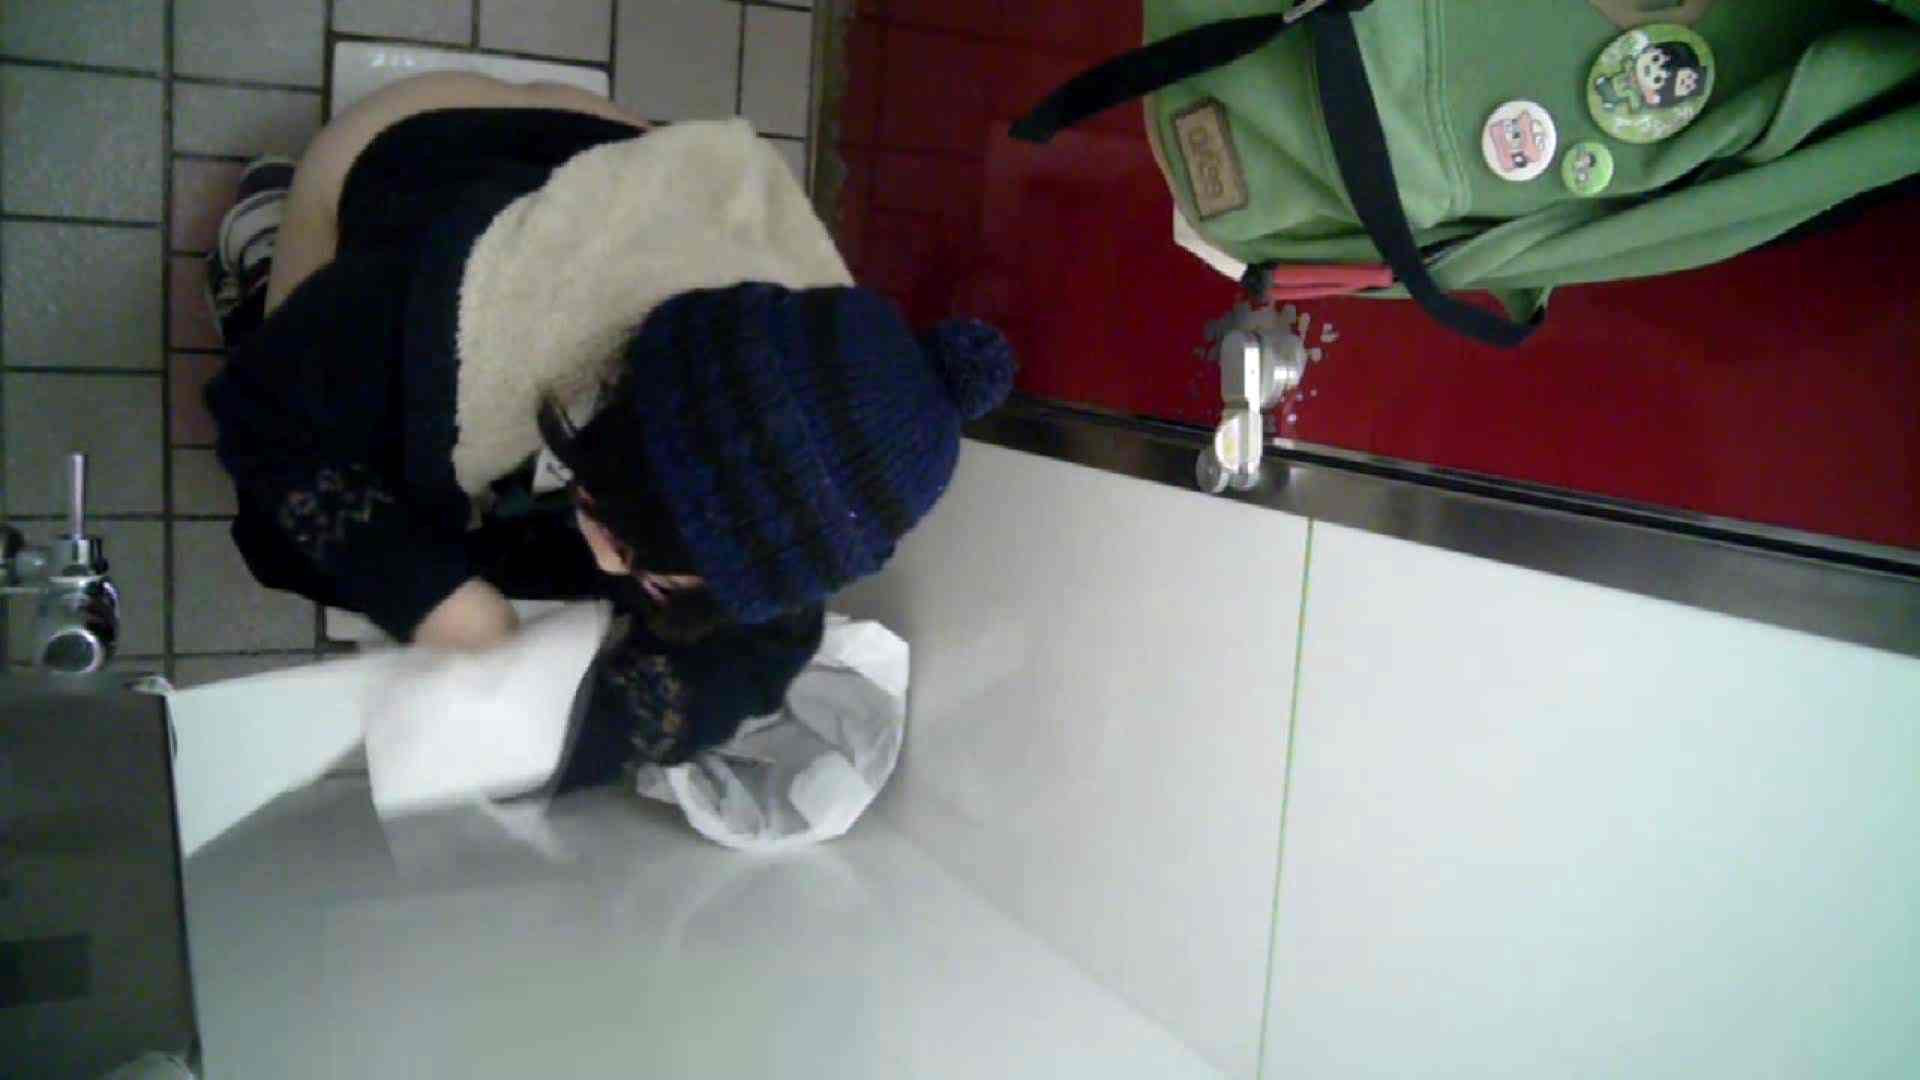 痴態洗面所 Vol.02 マスクが邪魔なんですよ。マスクが・・・。 洗面所 アダルト動画キャプチャ 83pic 19